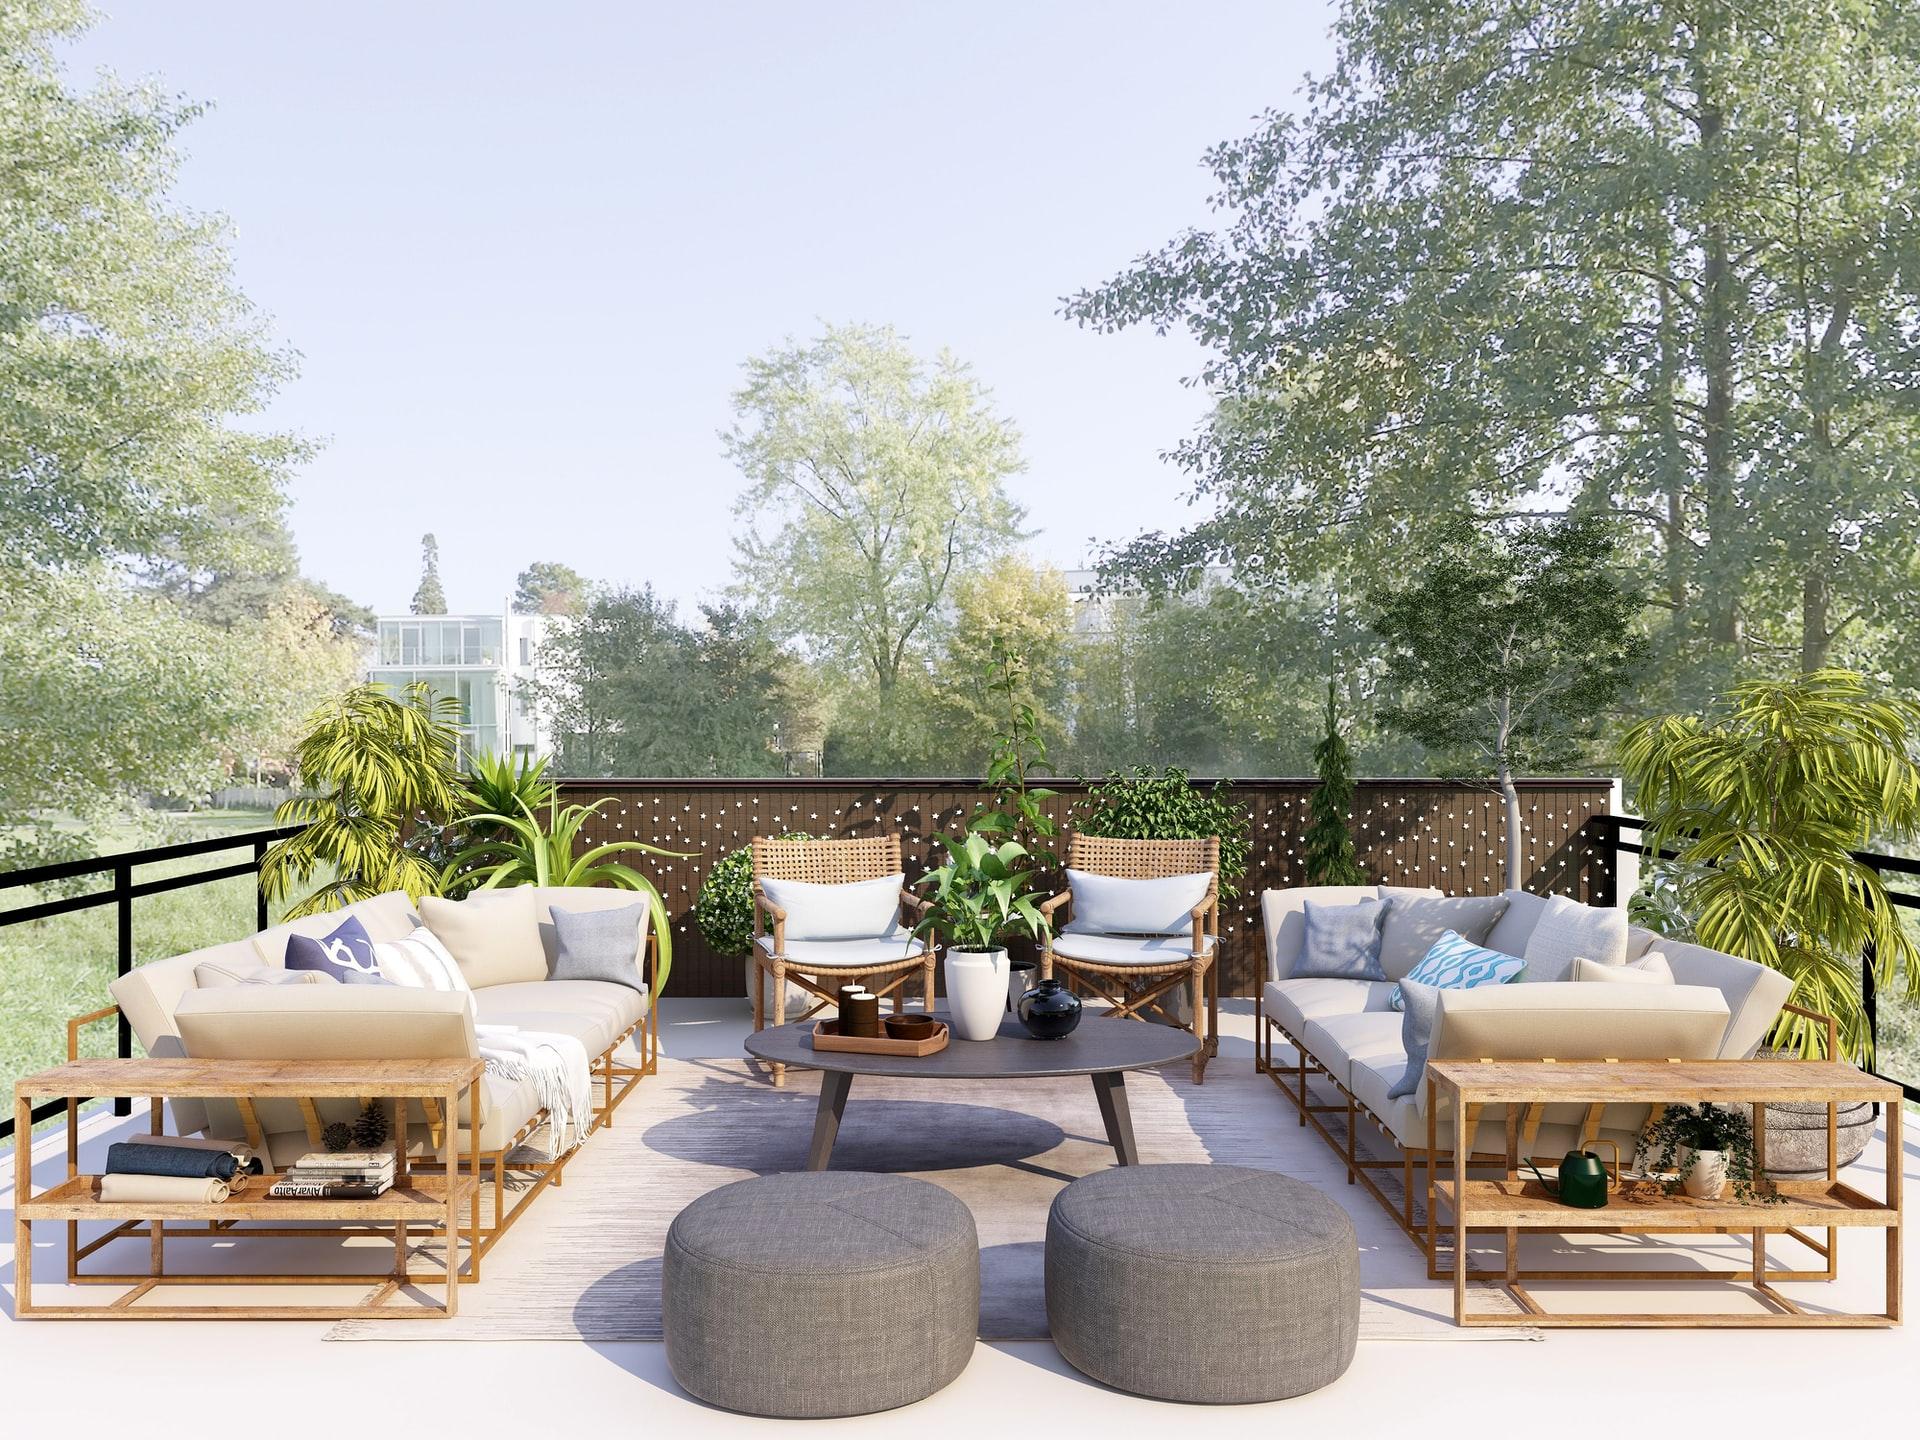 Jak wybrać pokrowiec na meble ogrodowe?